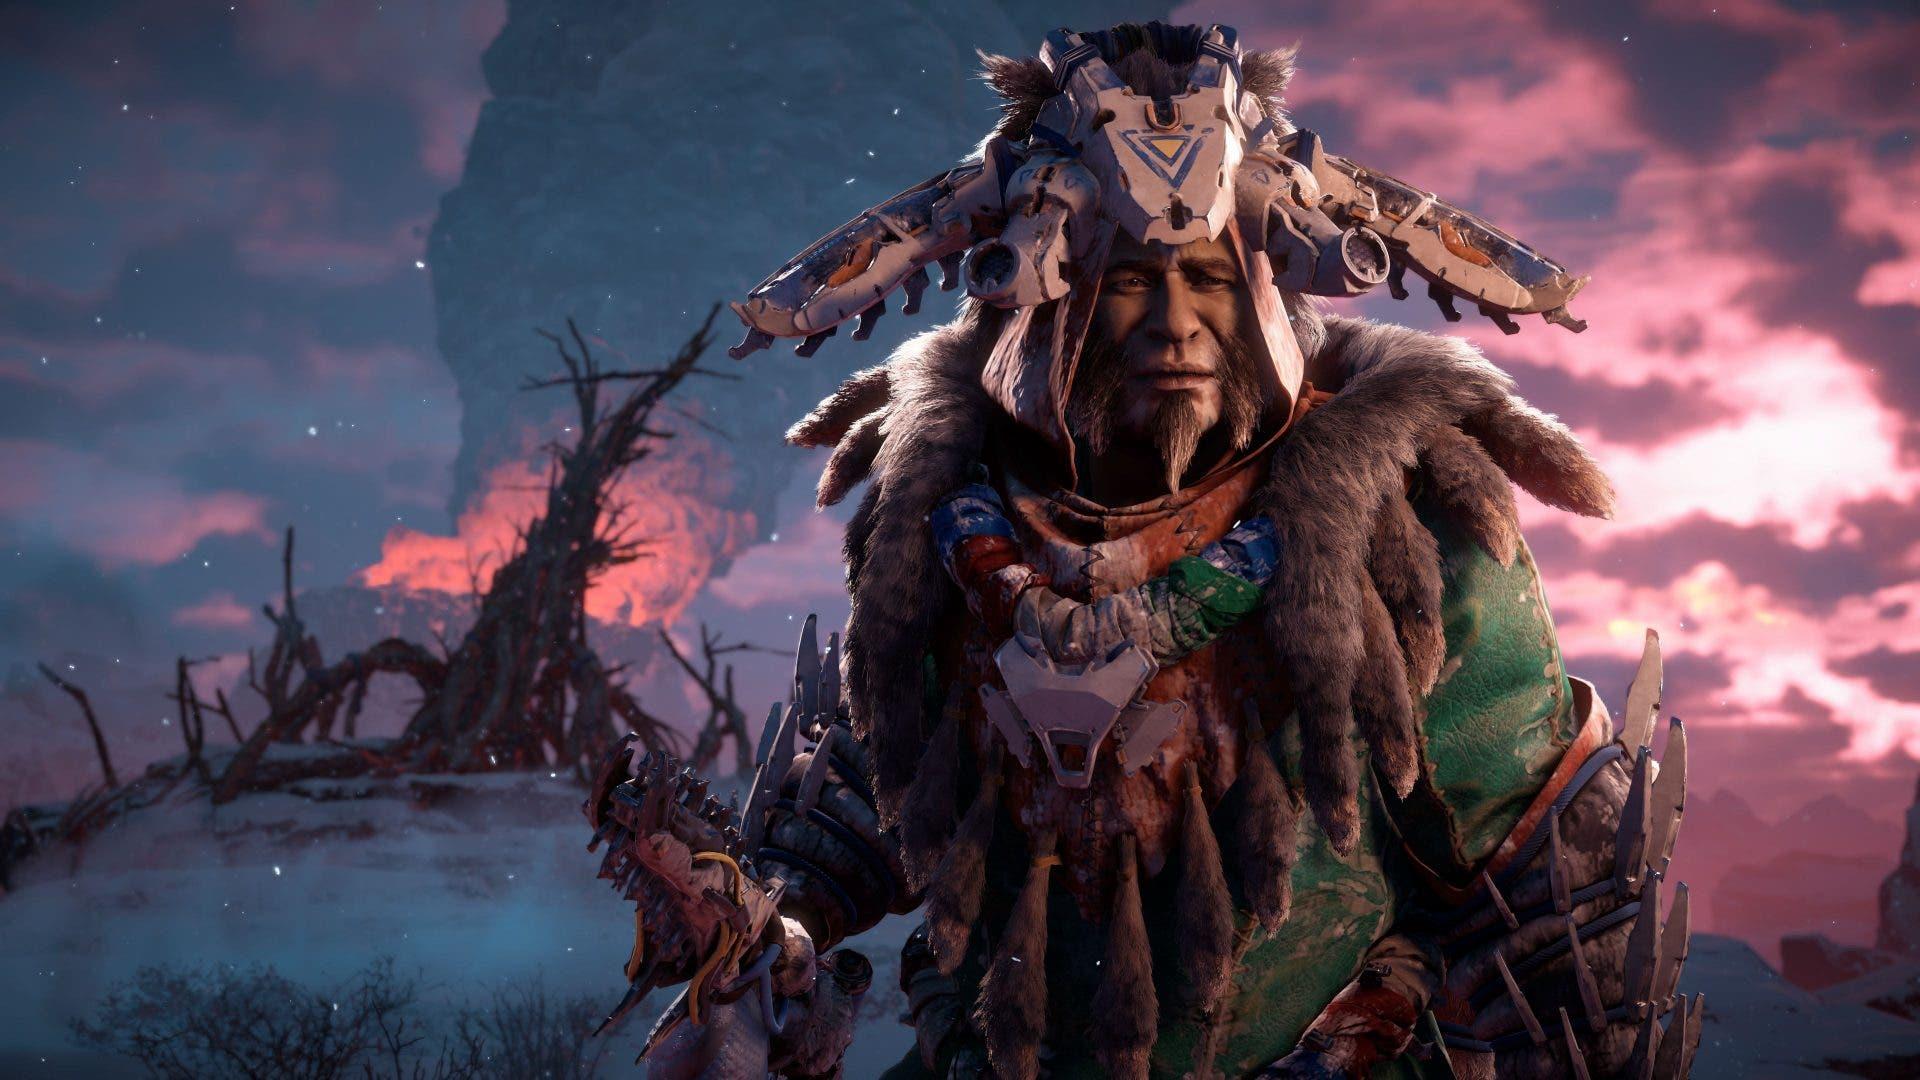 Imagen de Un supuesto desarrollador asegura que Battlefield: Bad Company 3 y Horizon: Zero Dawn 2 están en desarrollo para PlayStation 5